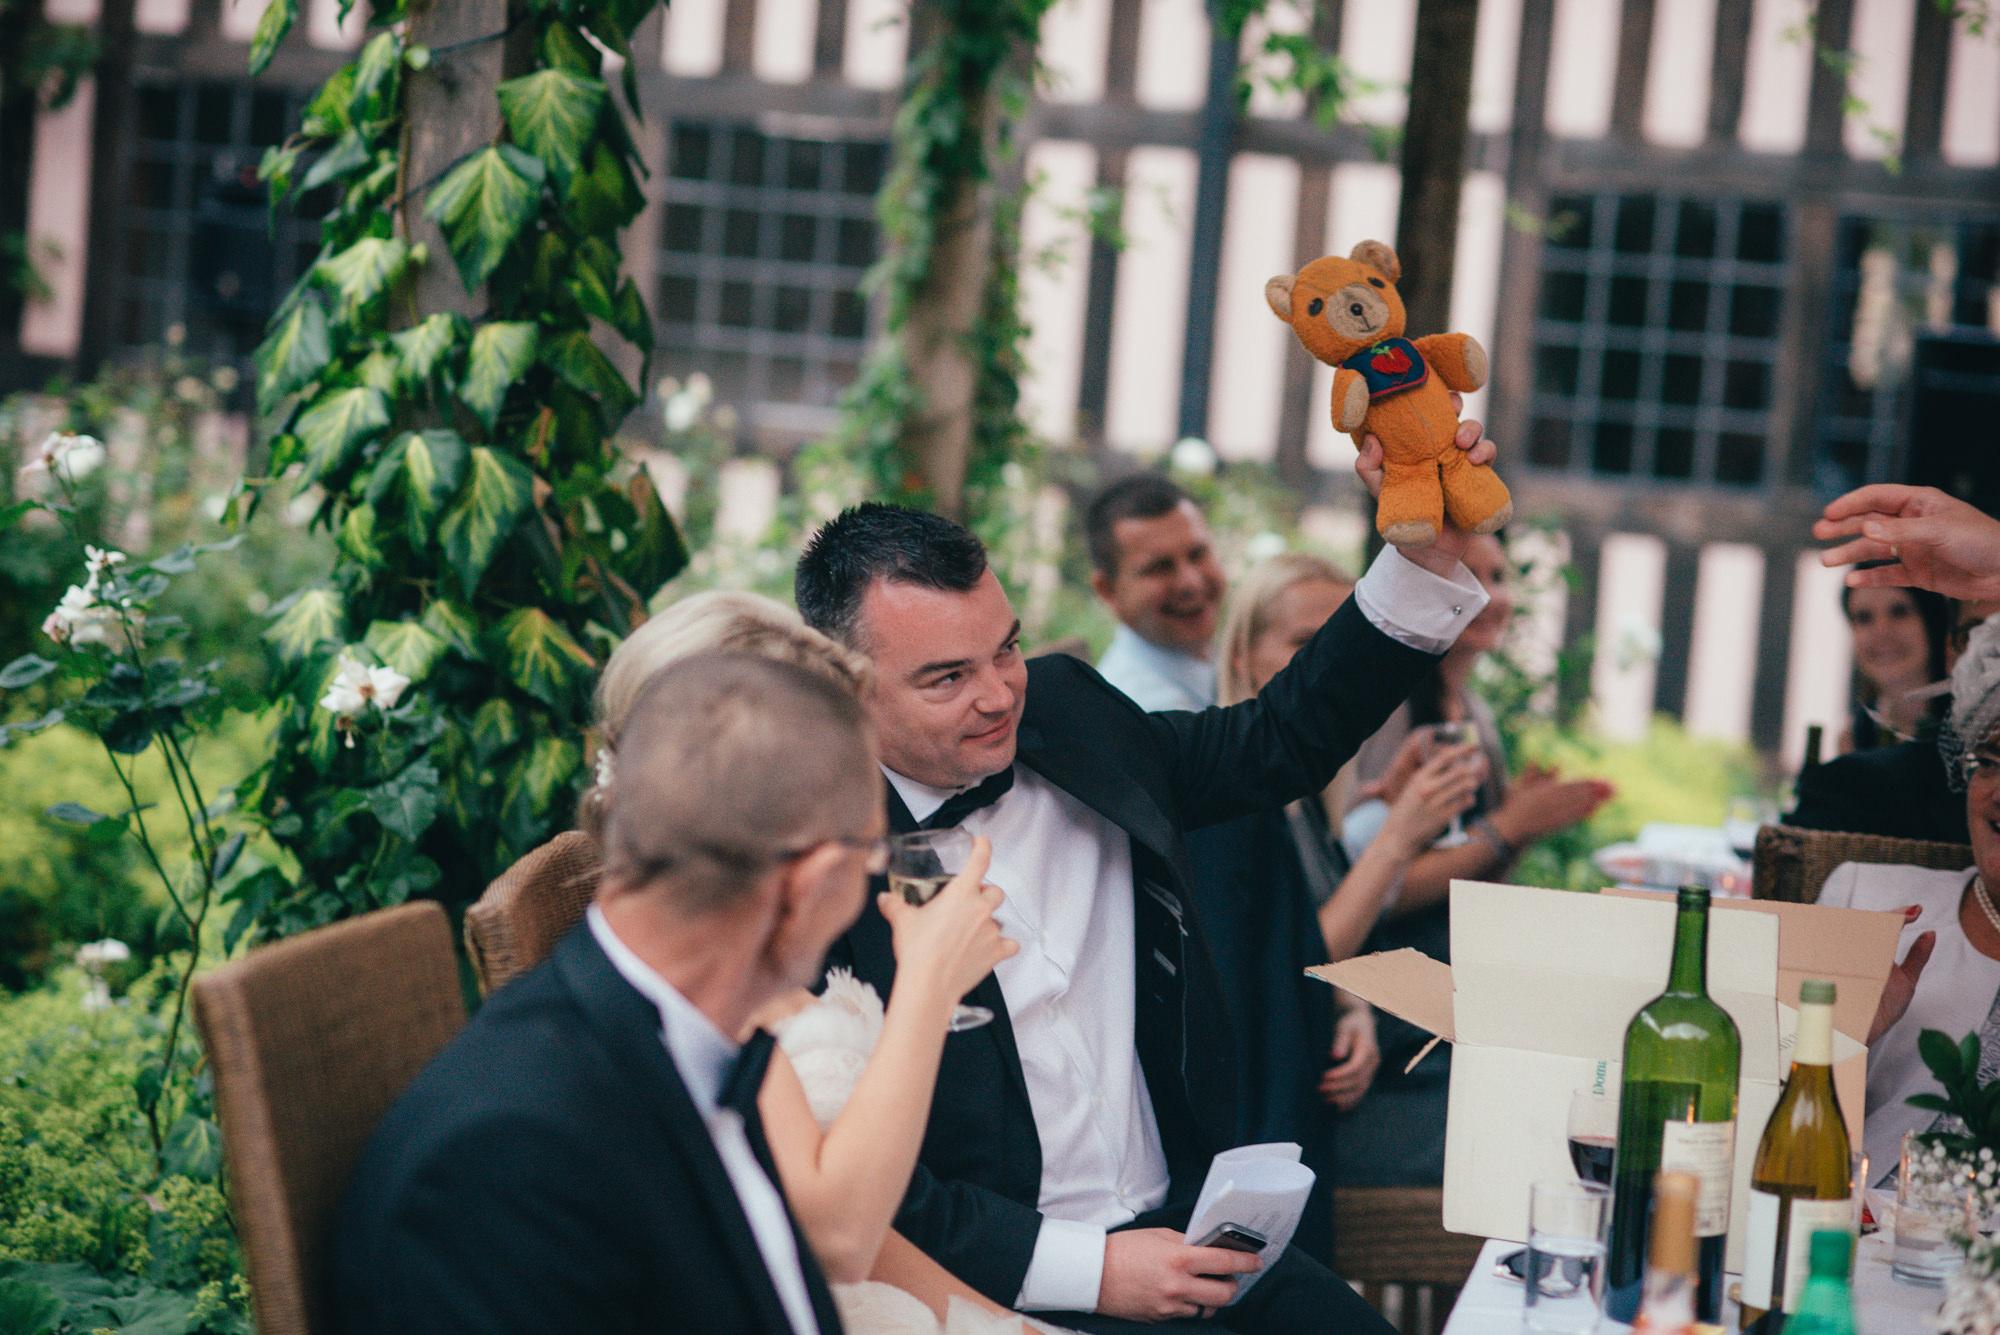 Brinsop Court Wedding Photography102